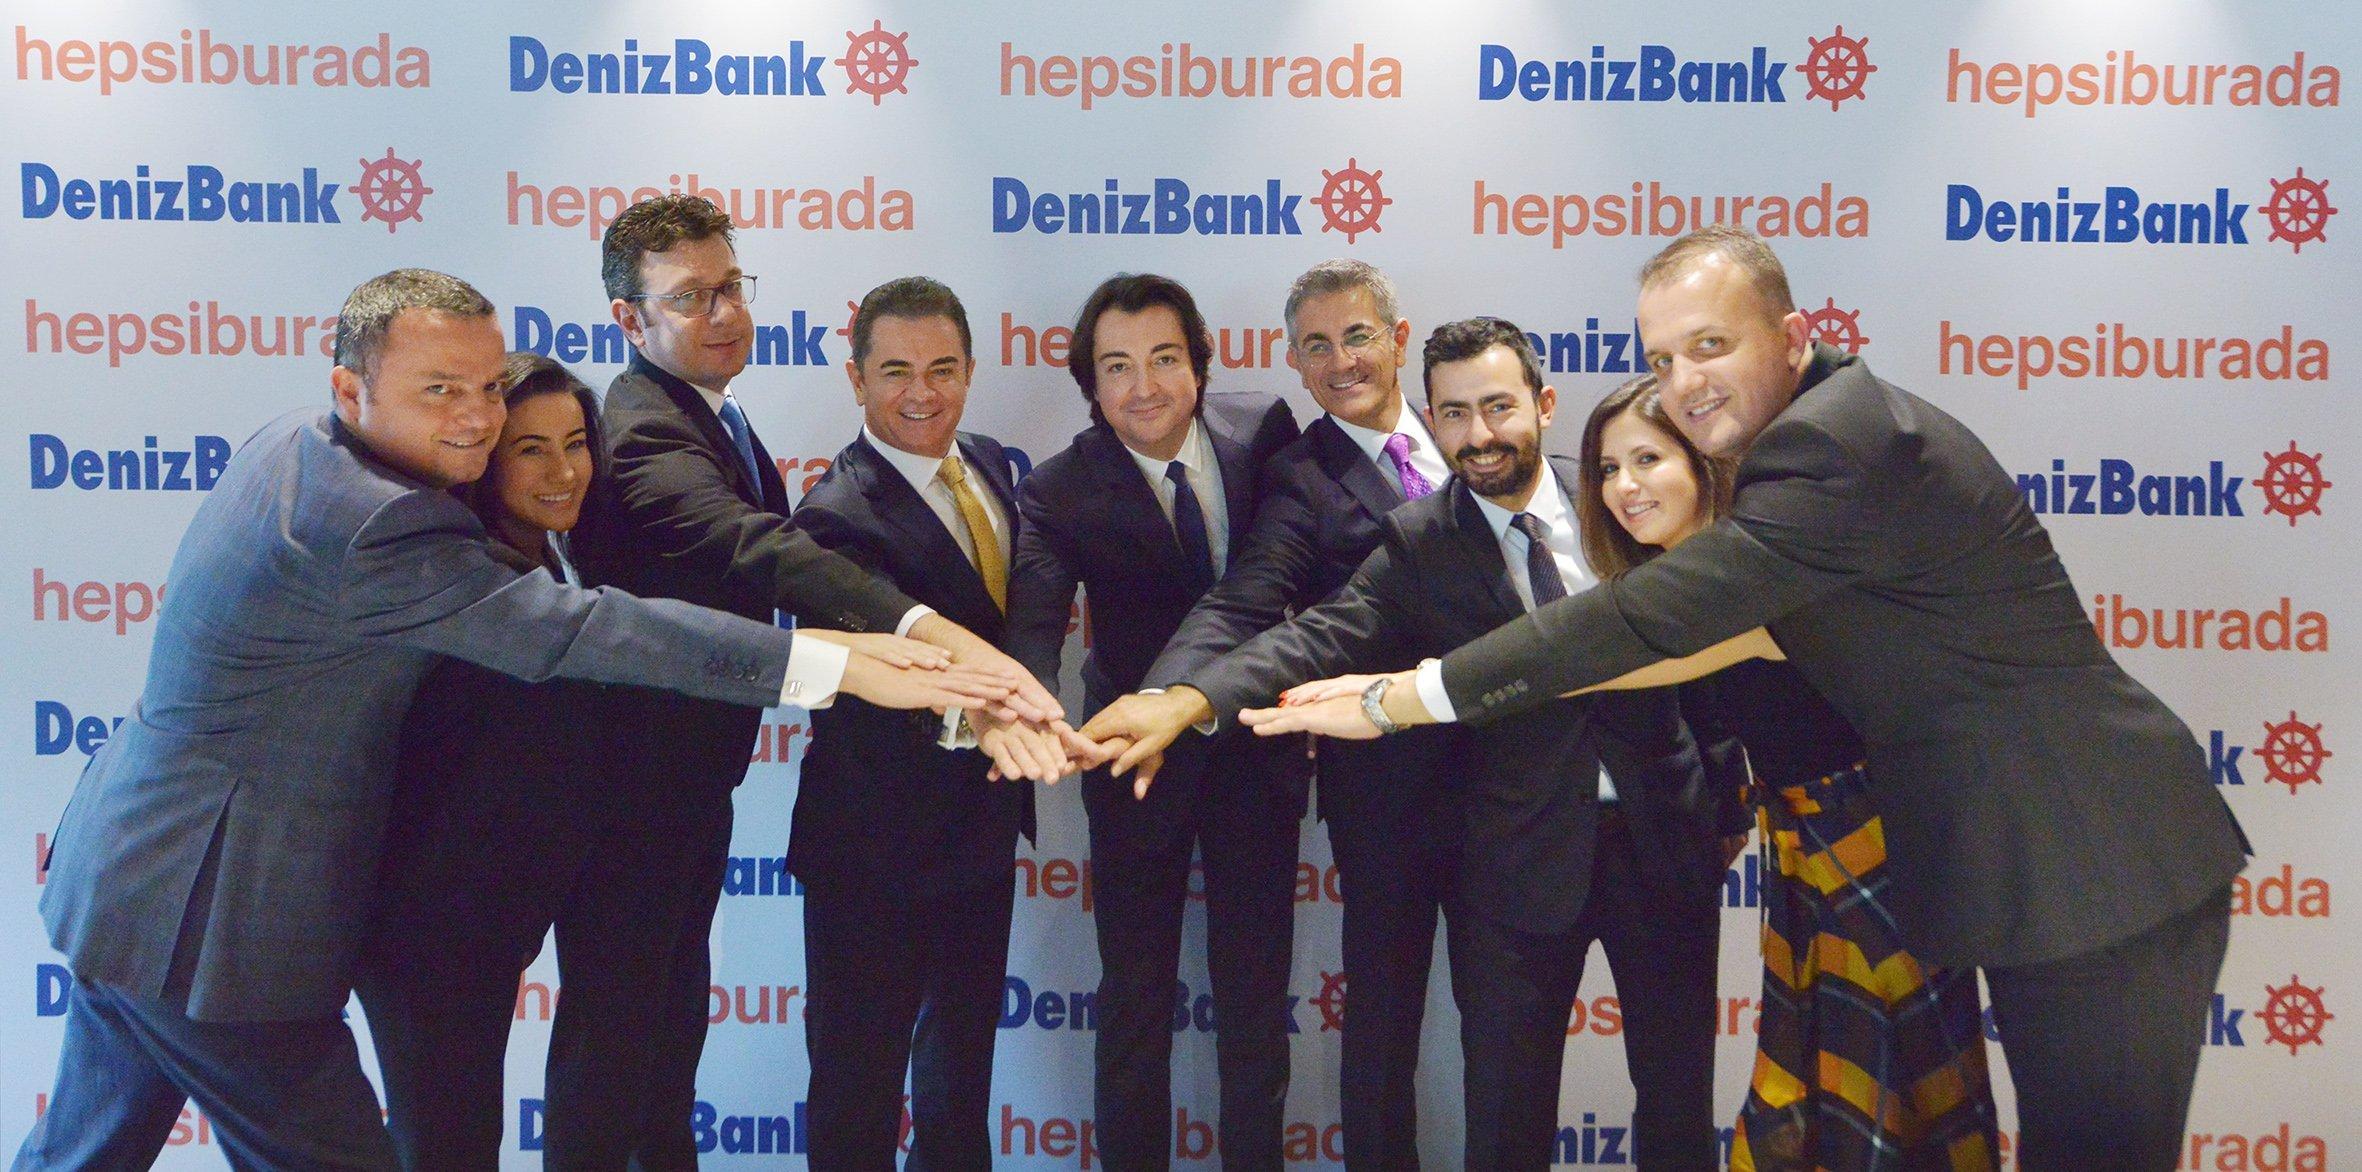 denizbank-ve-hepsiburada-online-alisveris-kredisi-icin-anlasma-sagladi.jpg